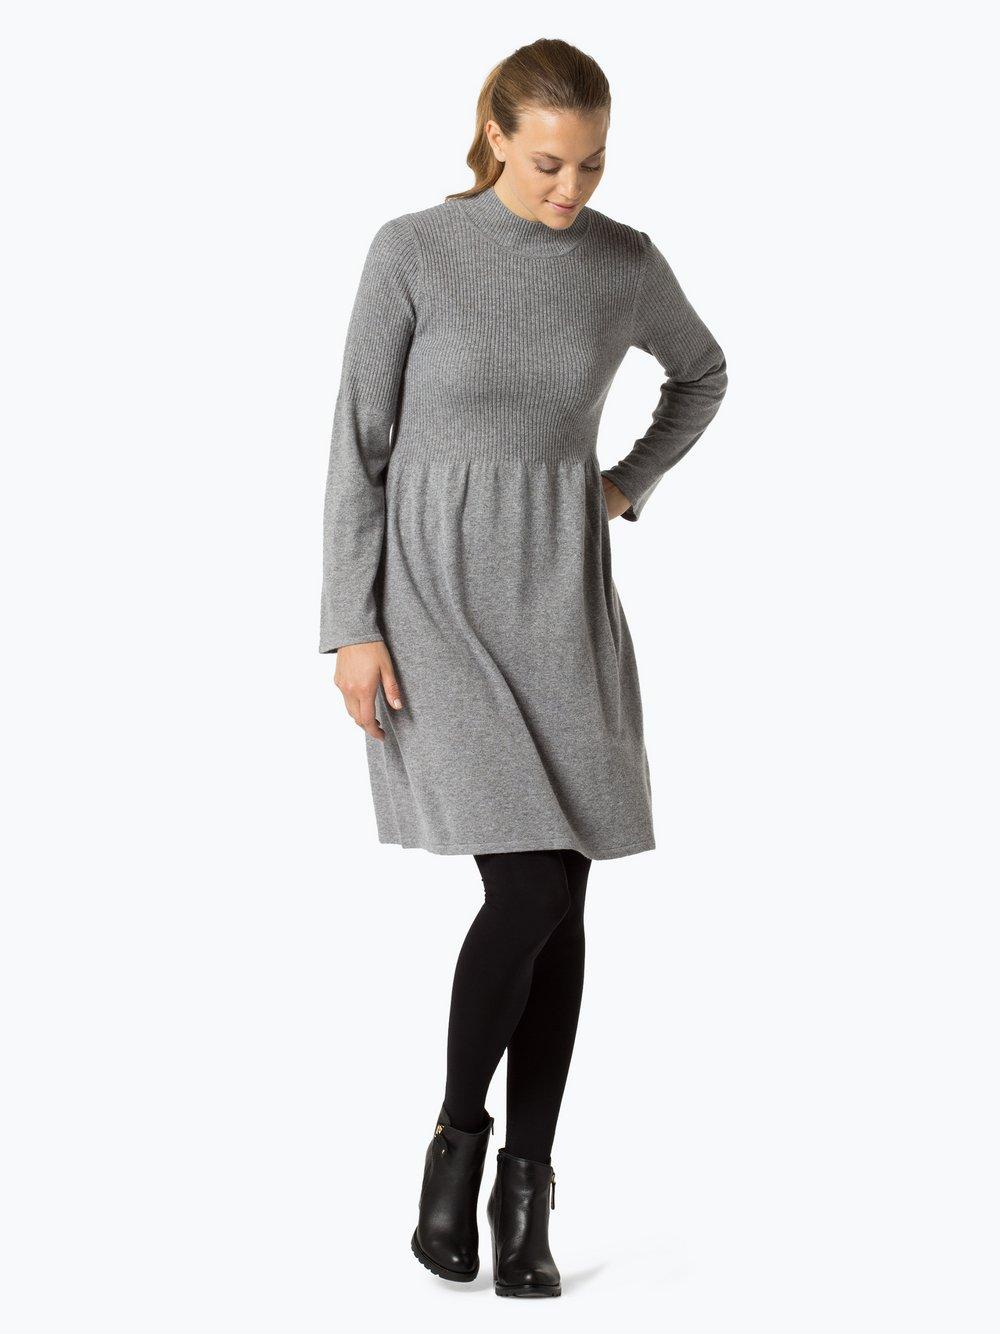 Kleid Und Schuh